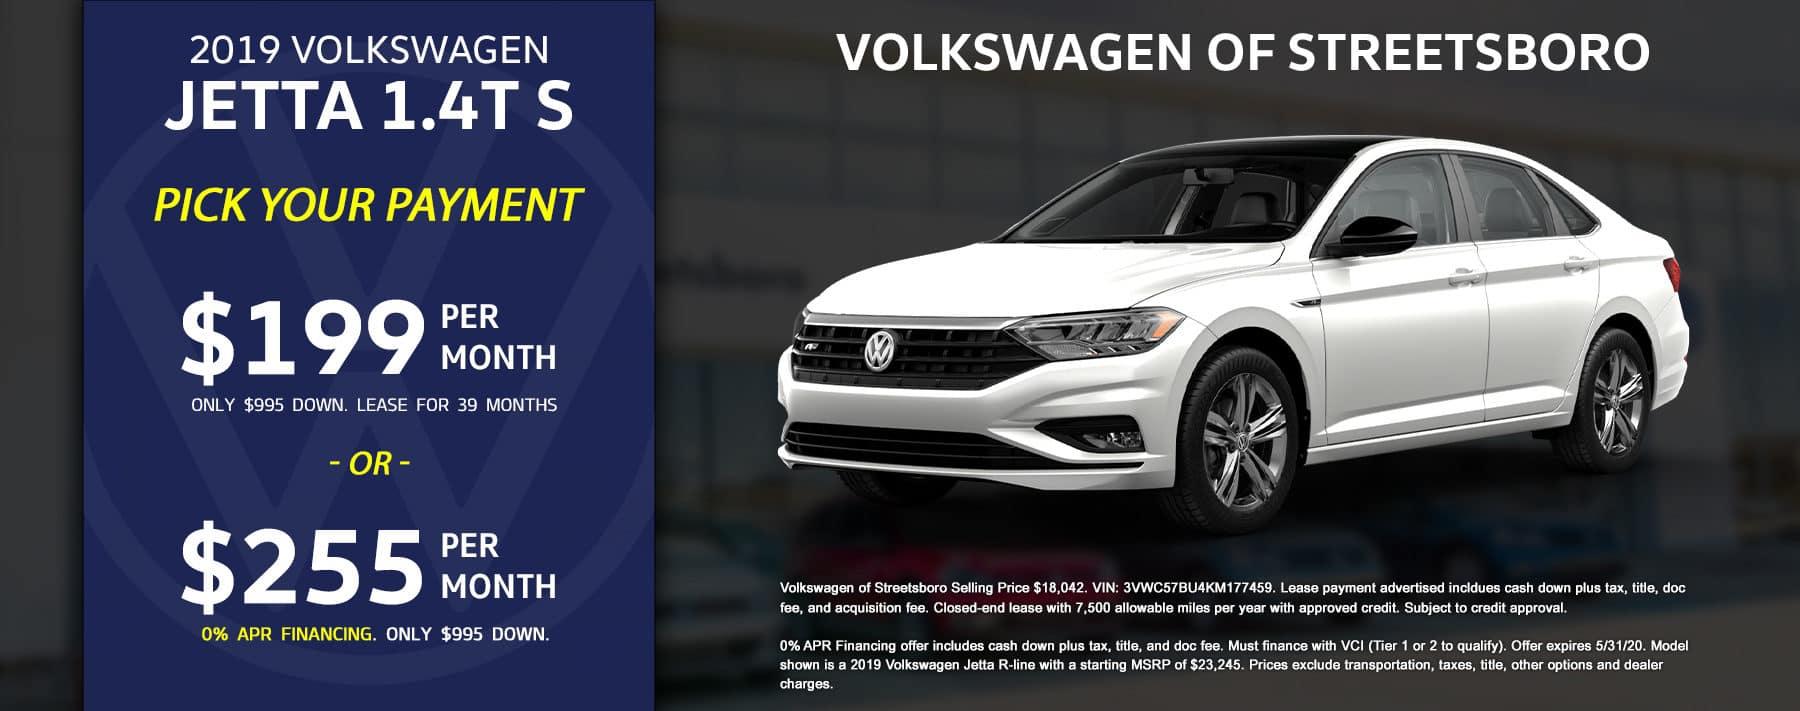 2019 VW Jetta - May 2020